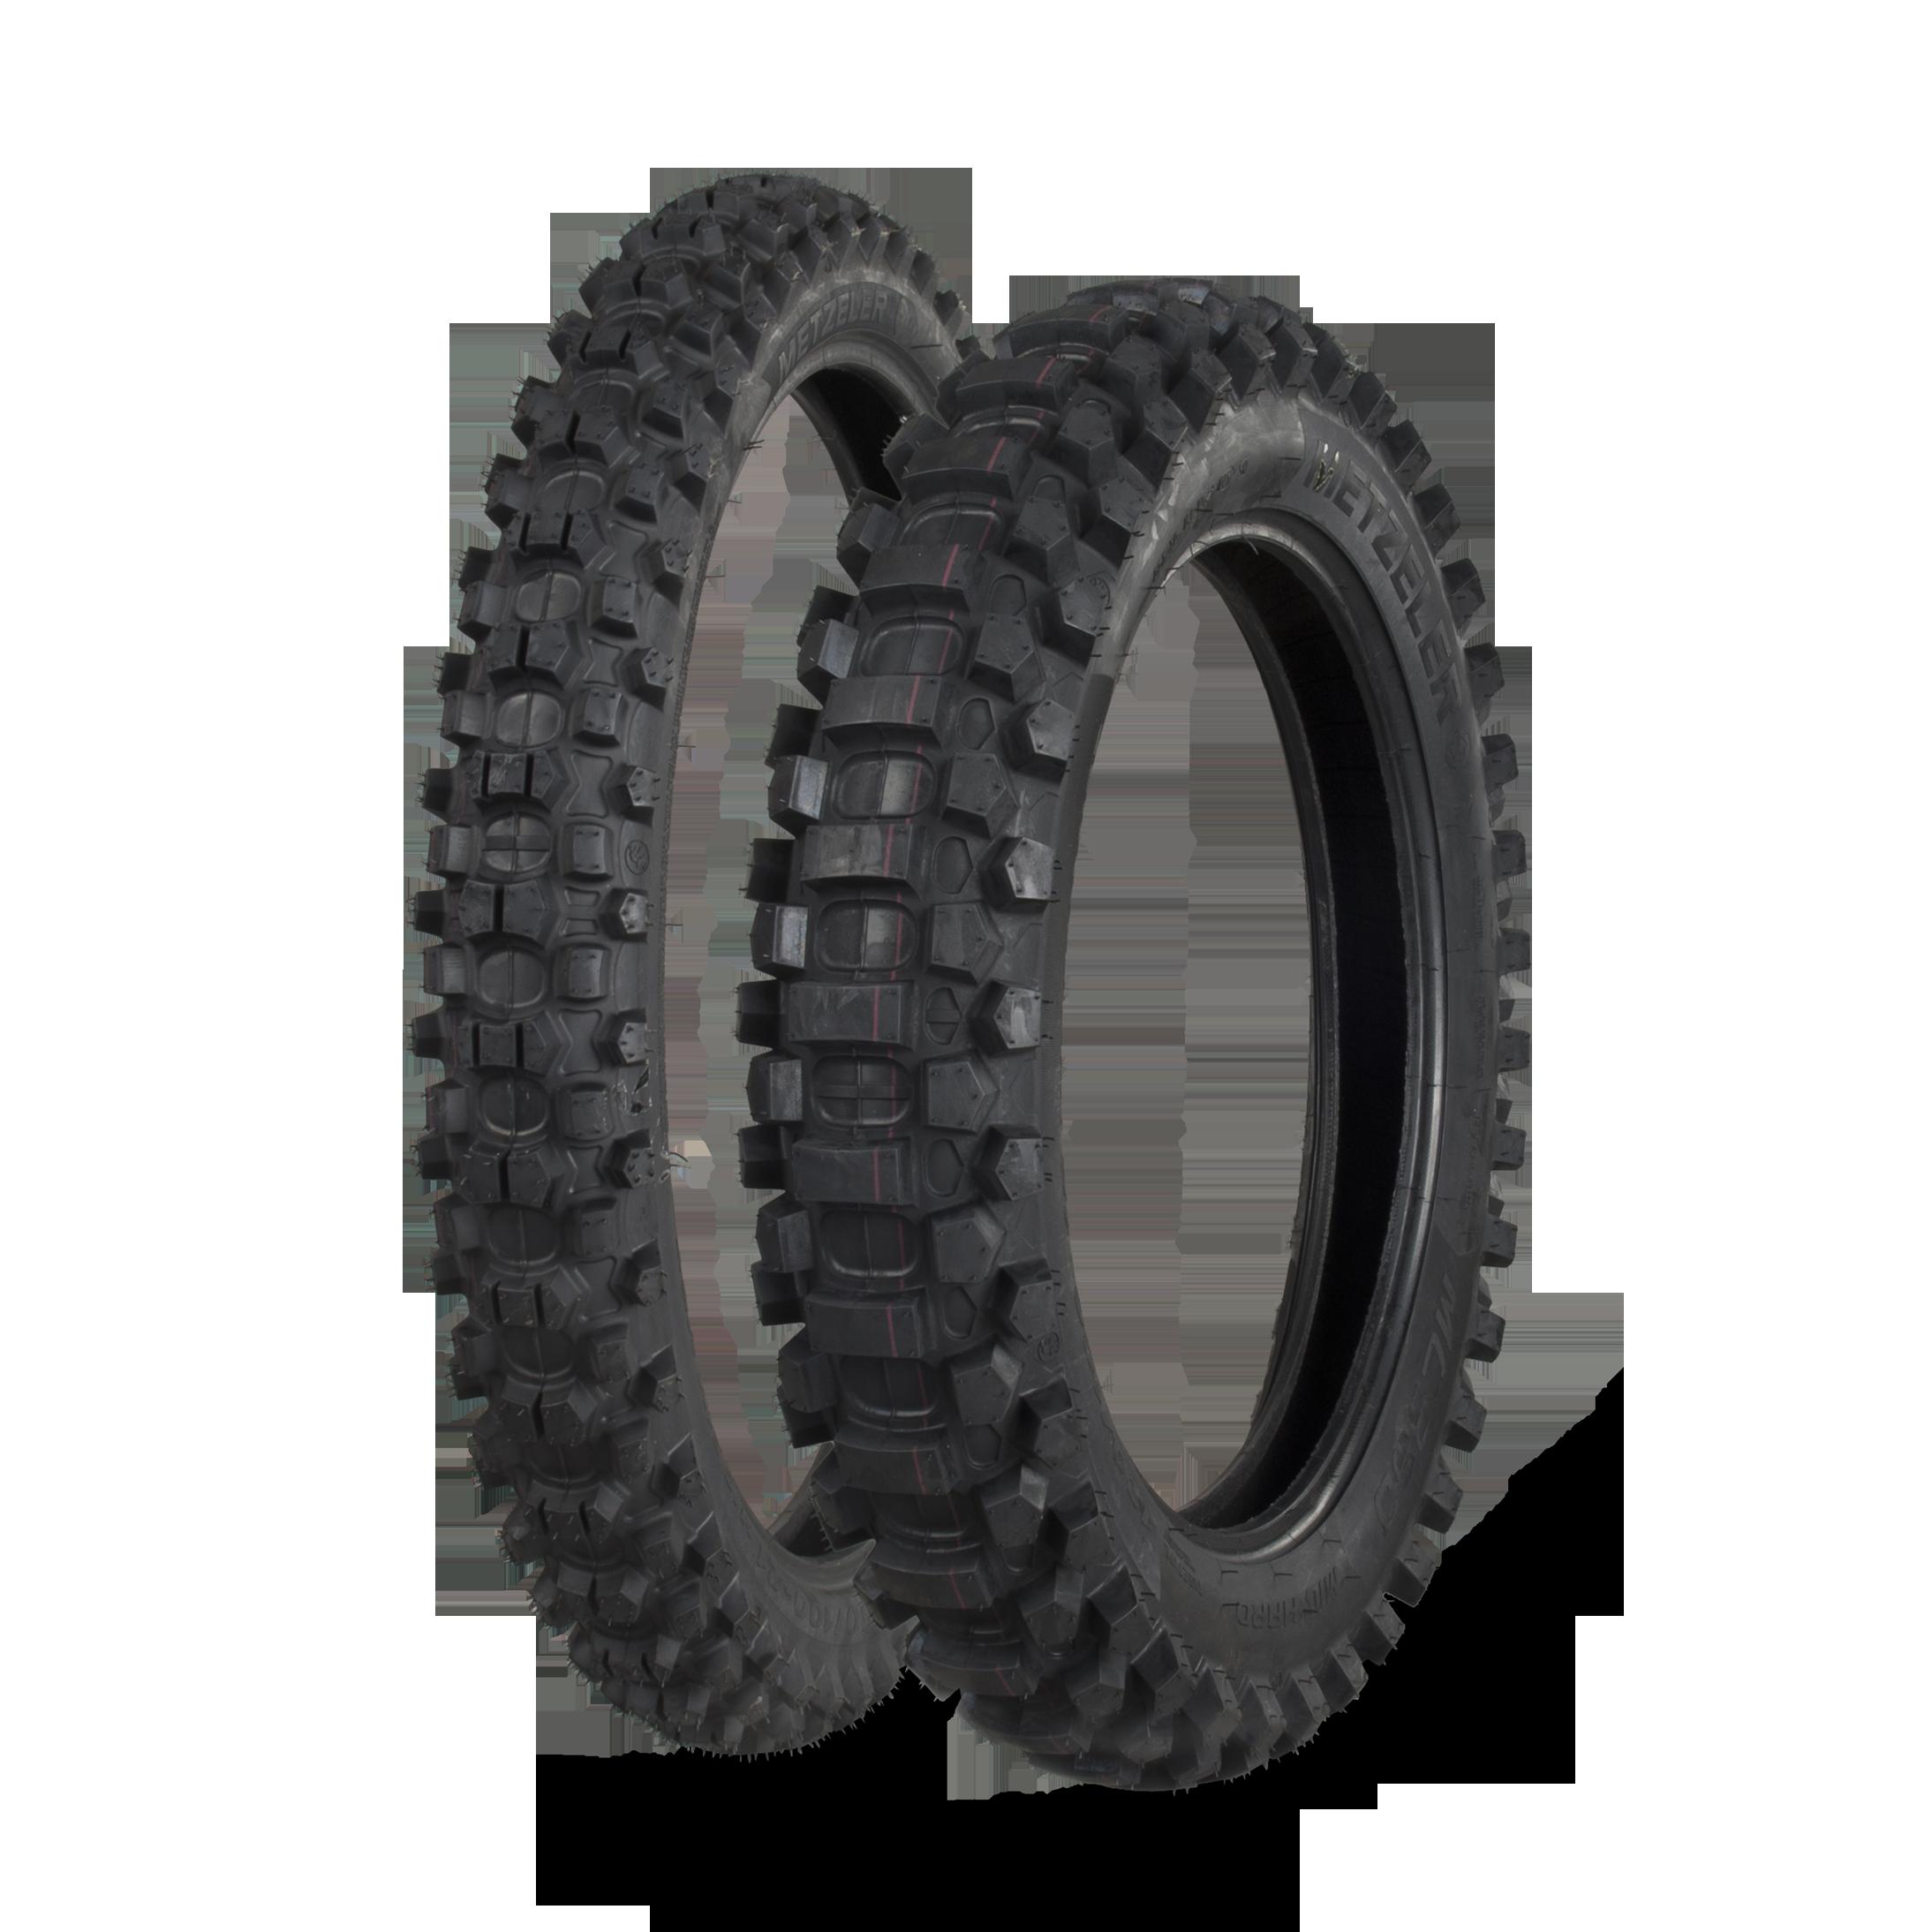 Neumático METZELER MC360 MID HARD 120/100R18 68 M